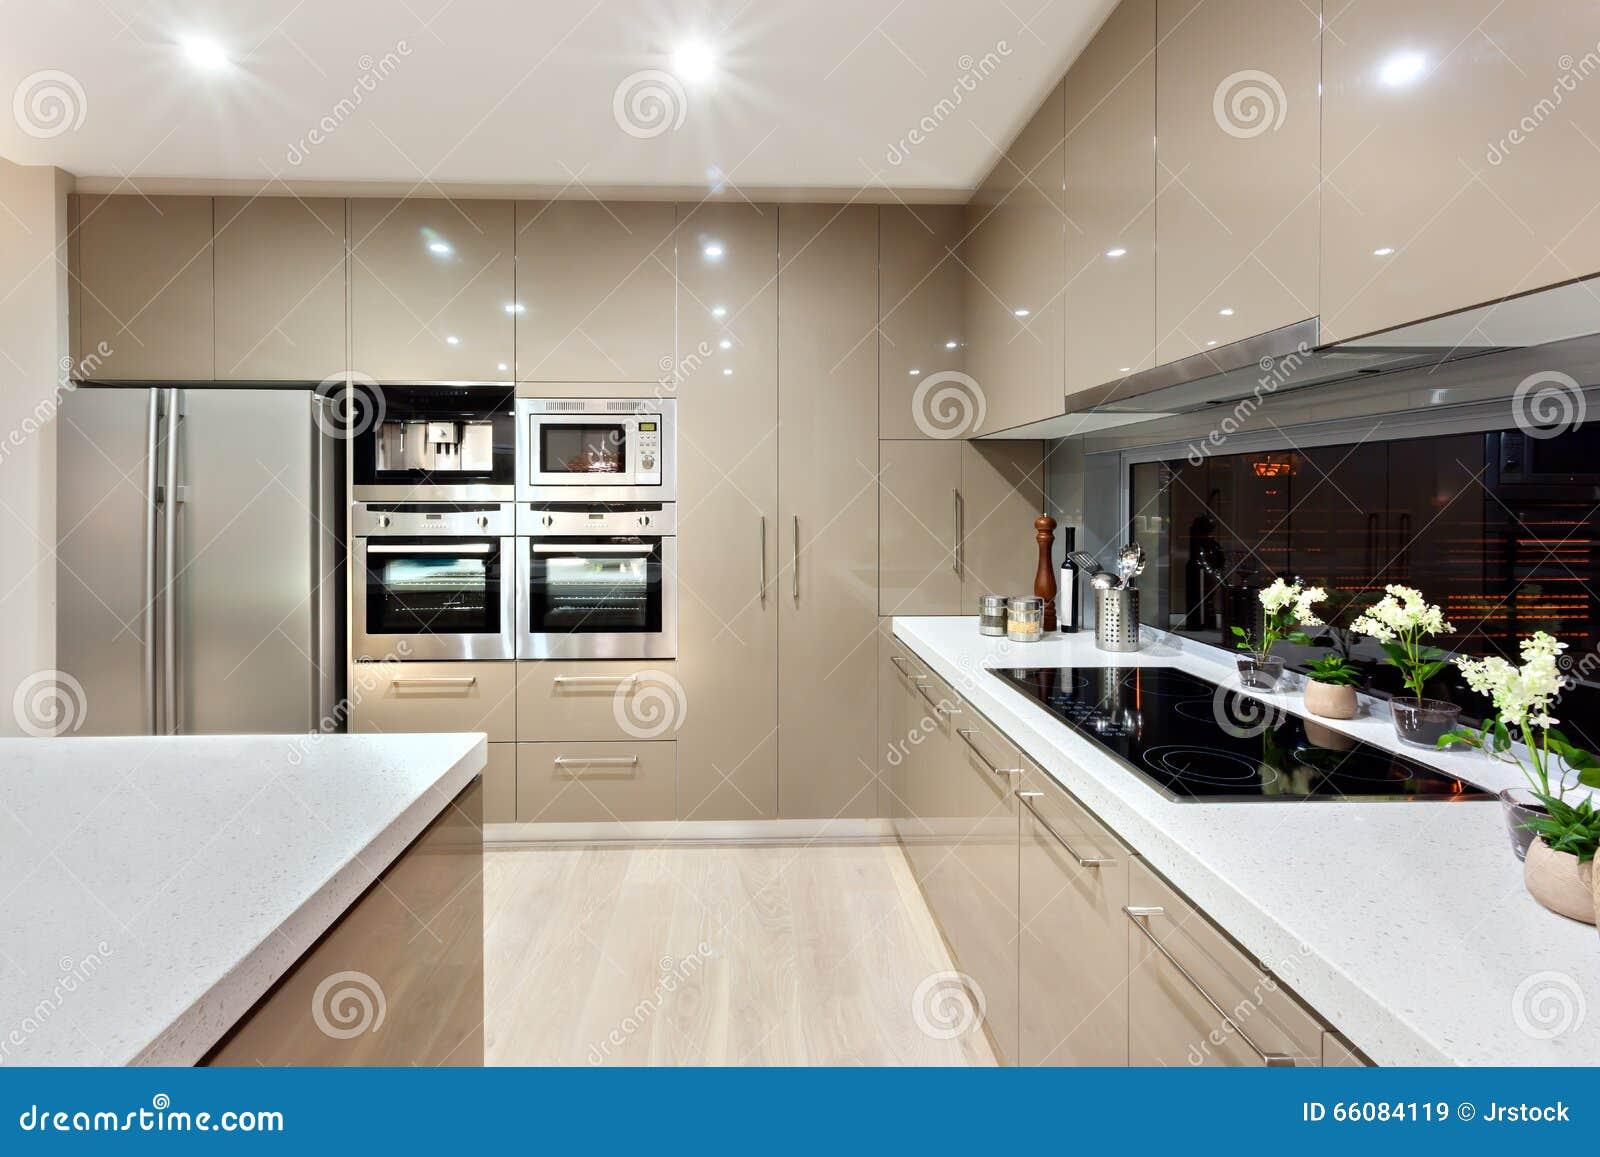 Interiores de casas de lujo modernas for Interior cocinas modernas